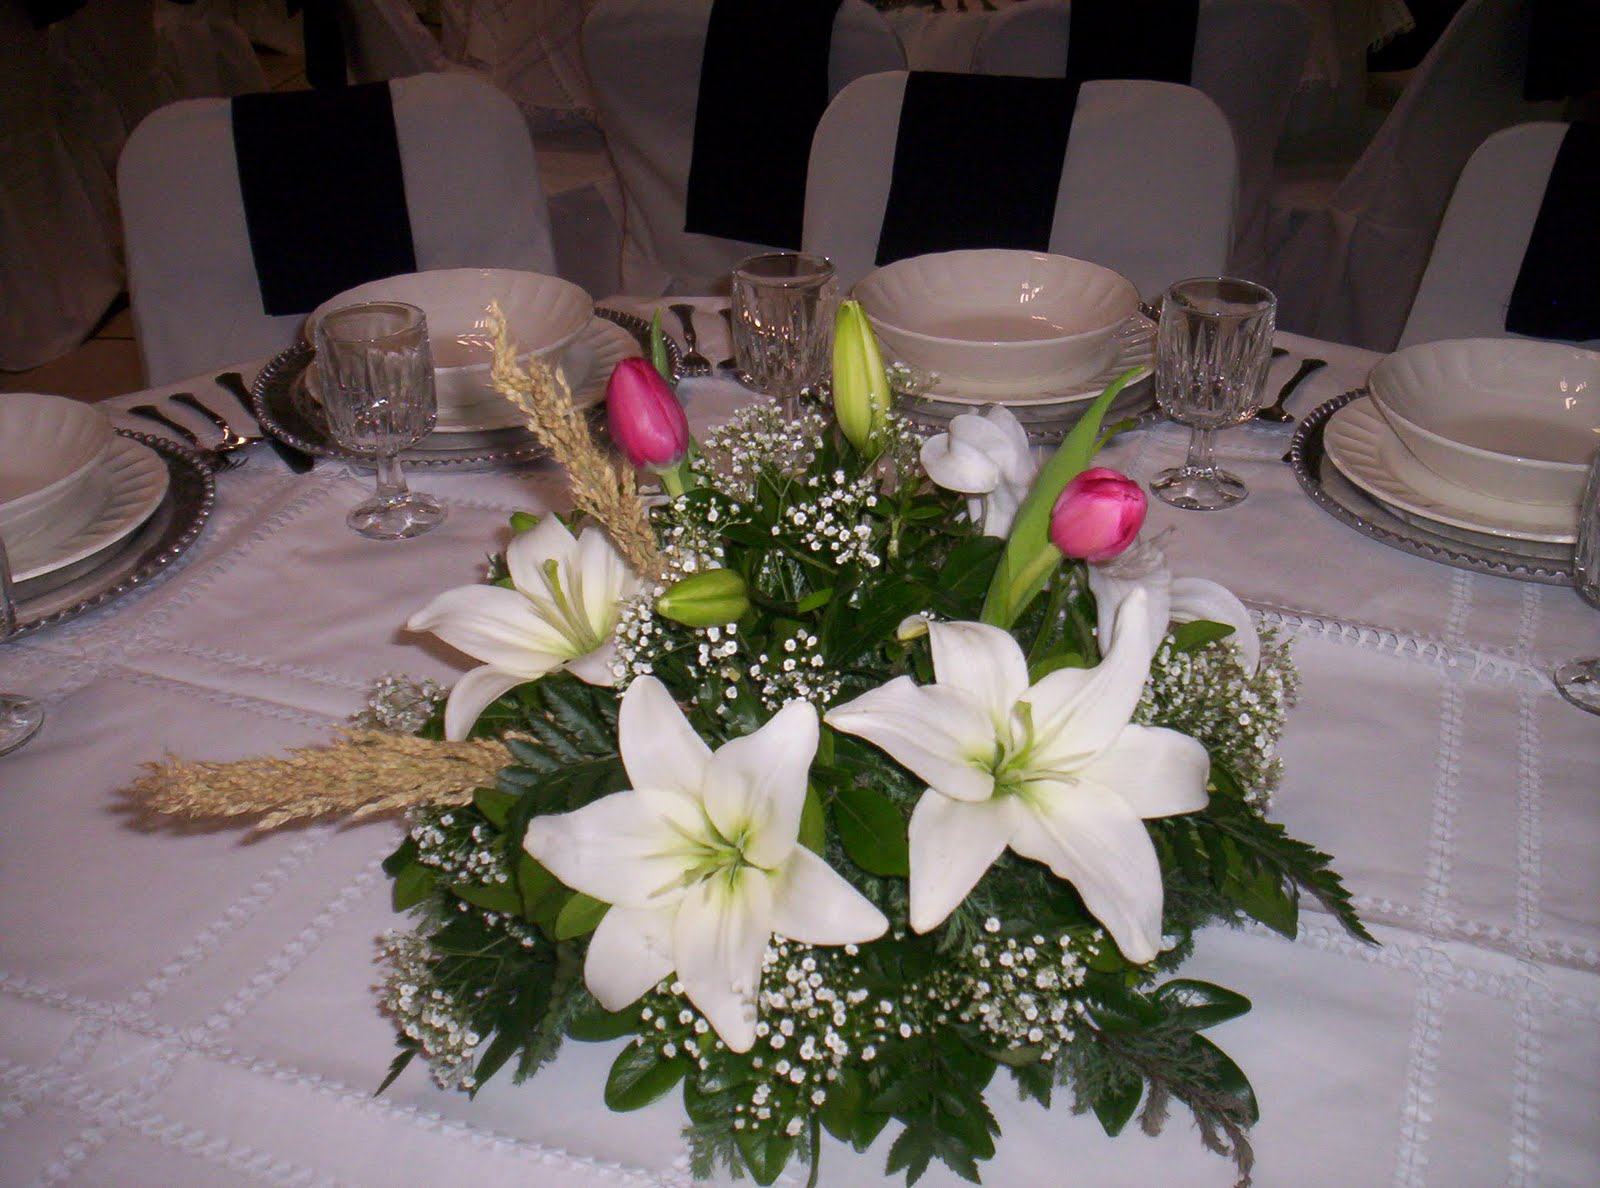 Flores Decoración bodas Todo para decorar con ideas